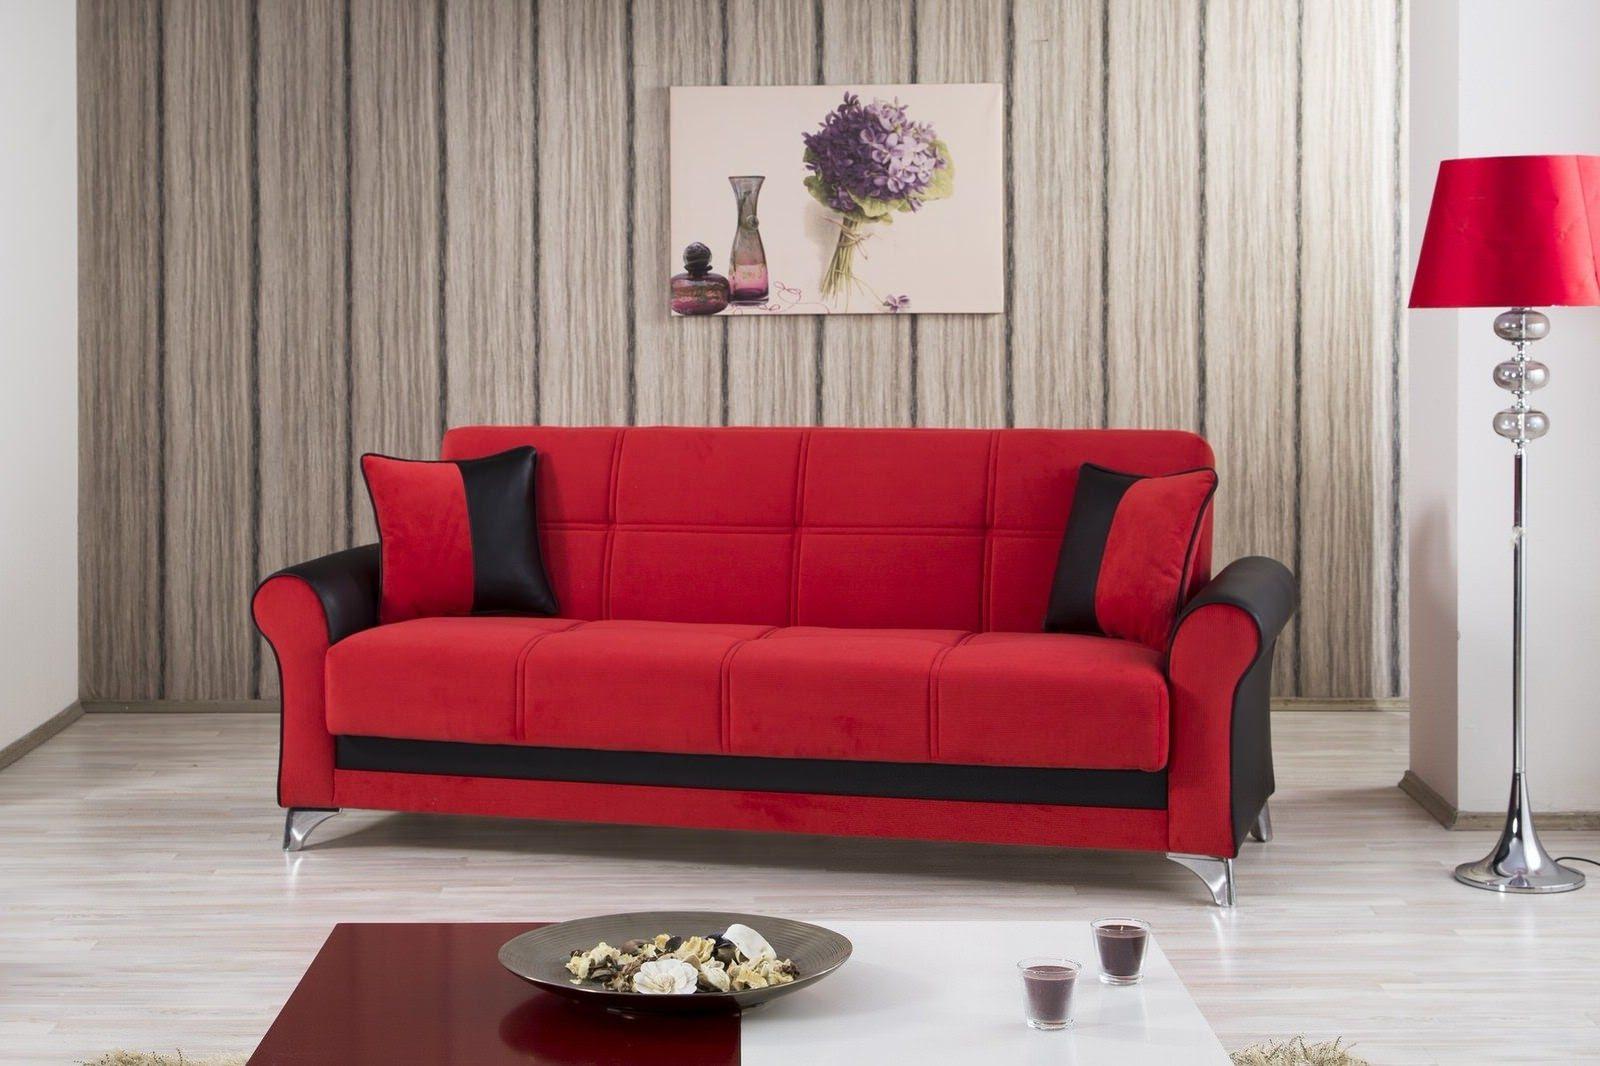 Sleeper sofa amazon | Hawk Haven